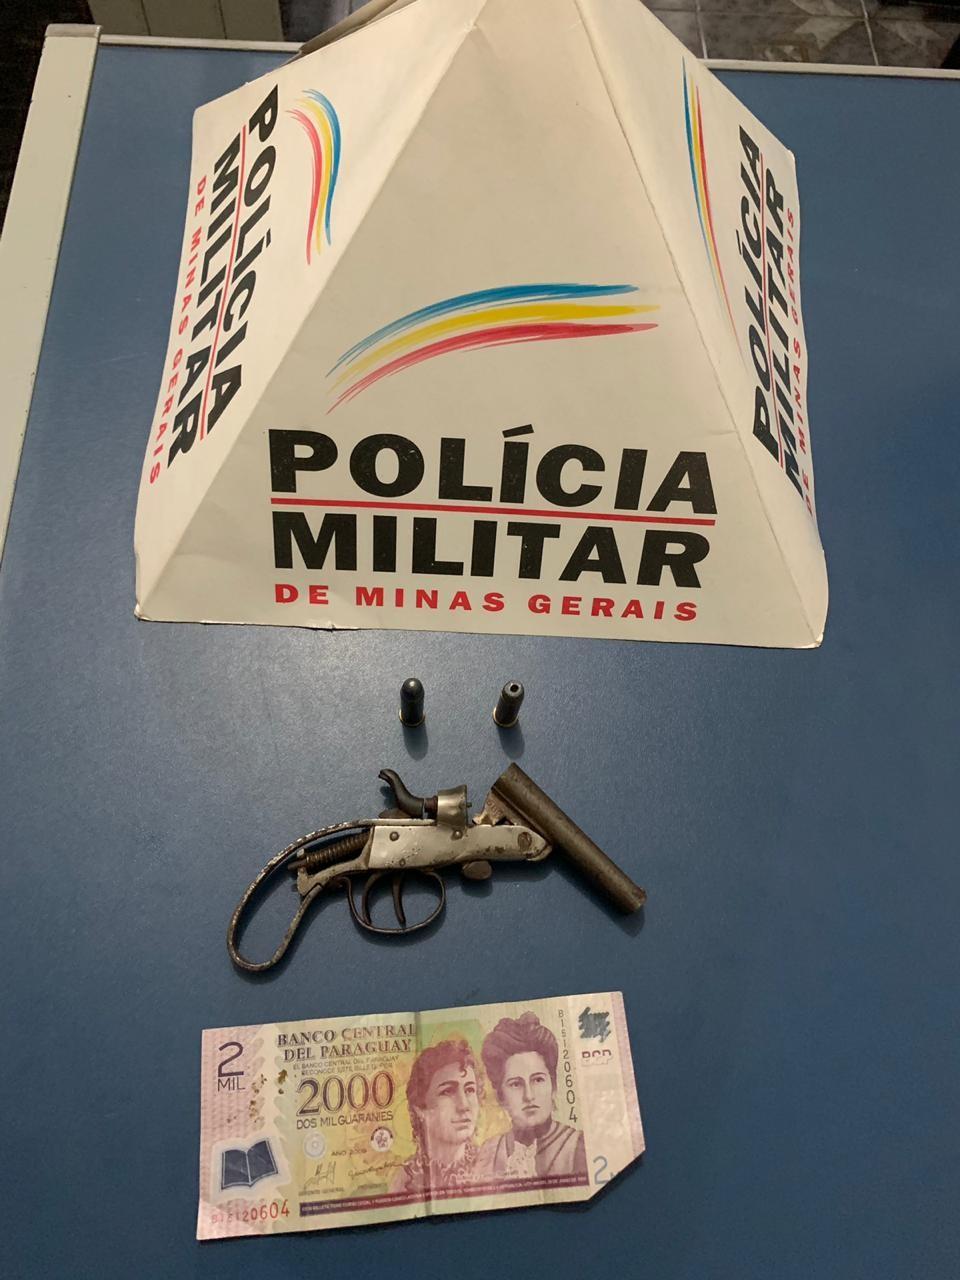 Arma e dinheiro paraguaio são apreendidos após denúncia em Igaratinga - Notícias - Plantão Diário